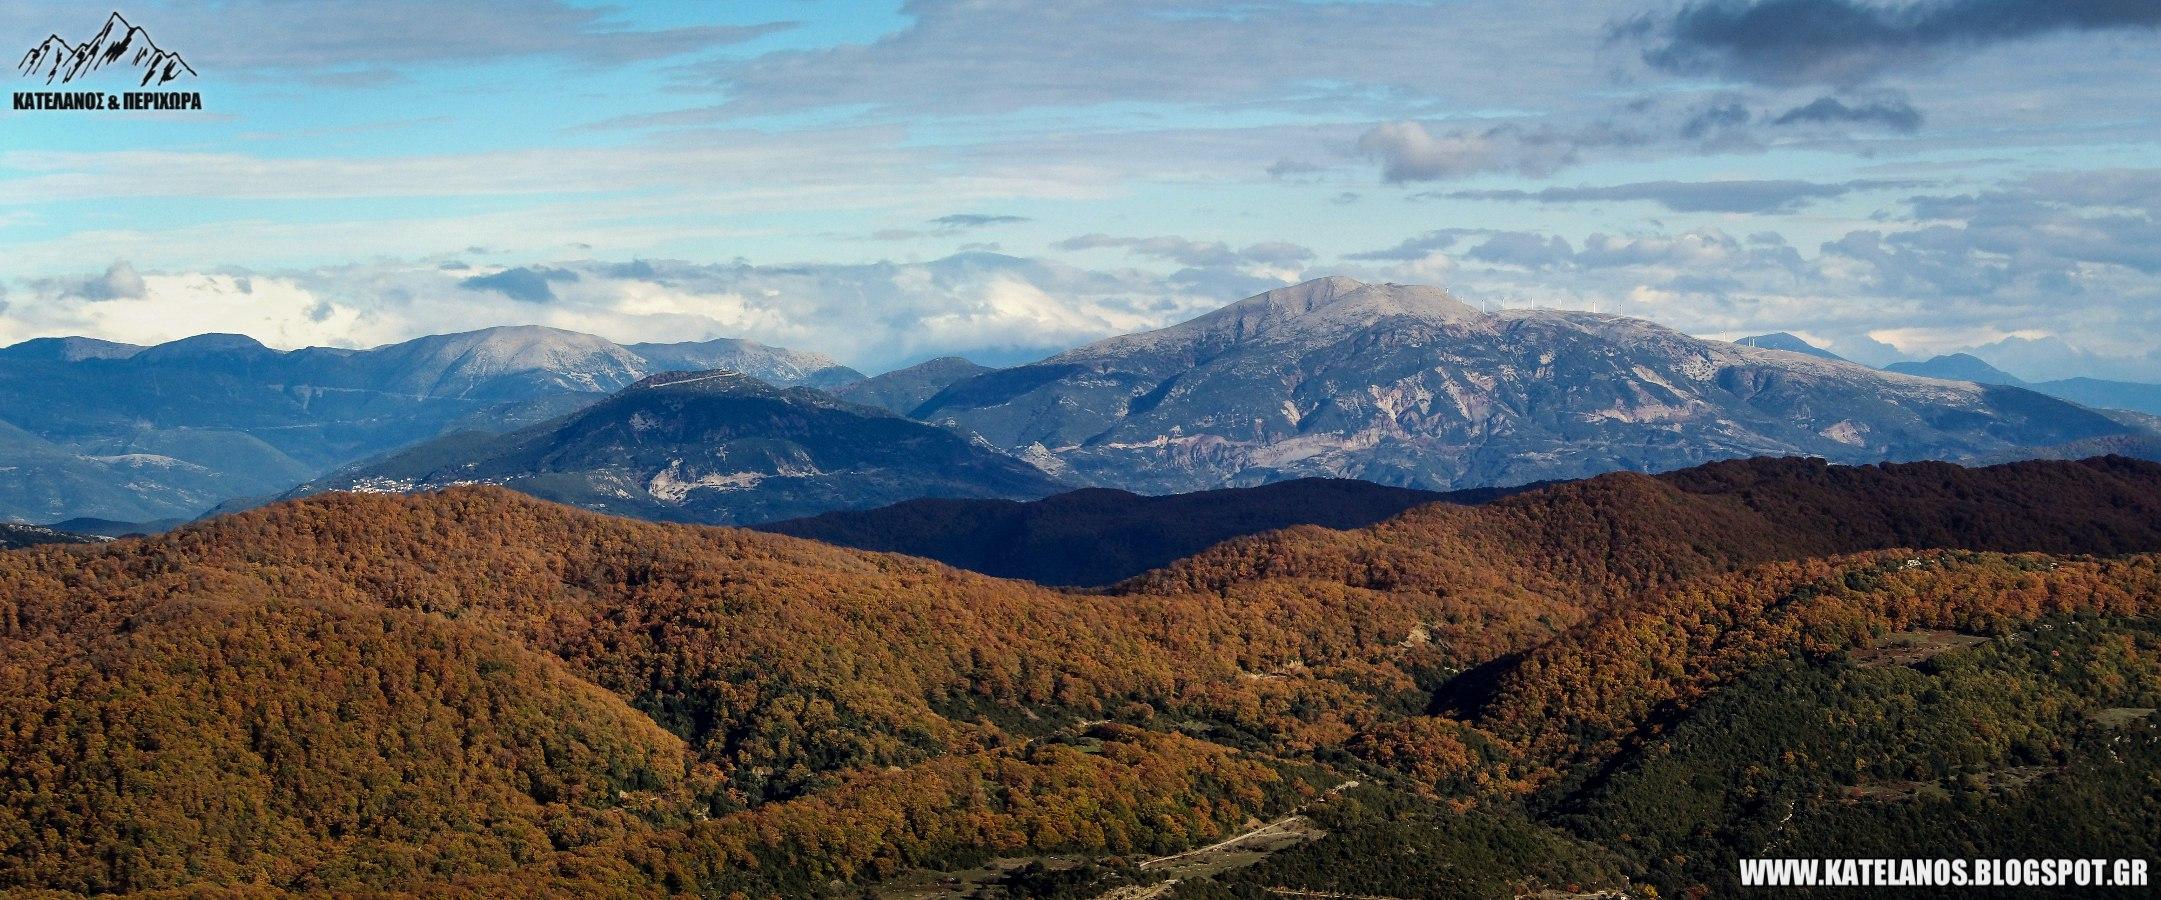 δάσος αρακύνθου βουνα ναυπακτίας ριγάνι